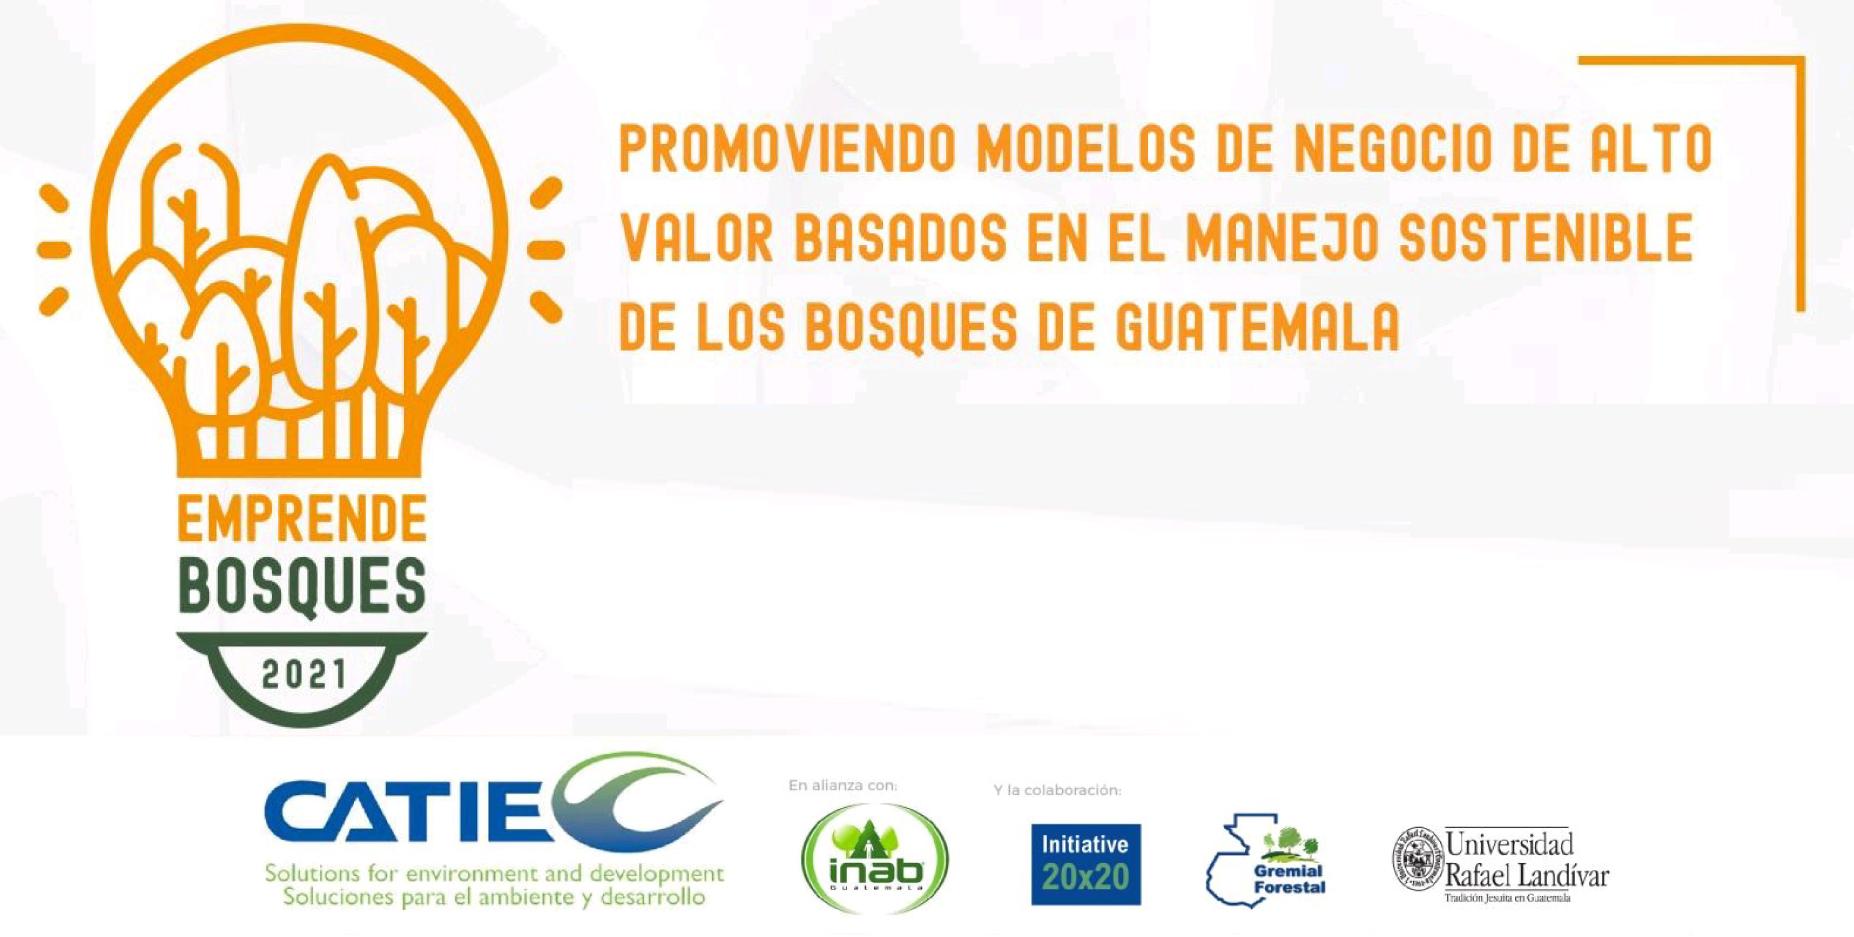 Promoviendo modelos de negocio de alto valor basados en el manejo sostenible de los bosques de Guatemala